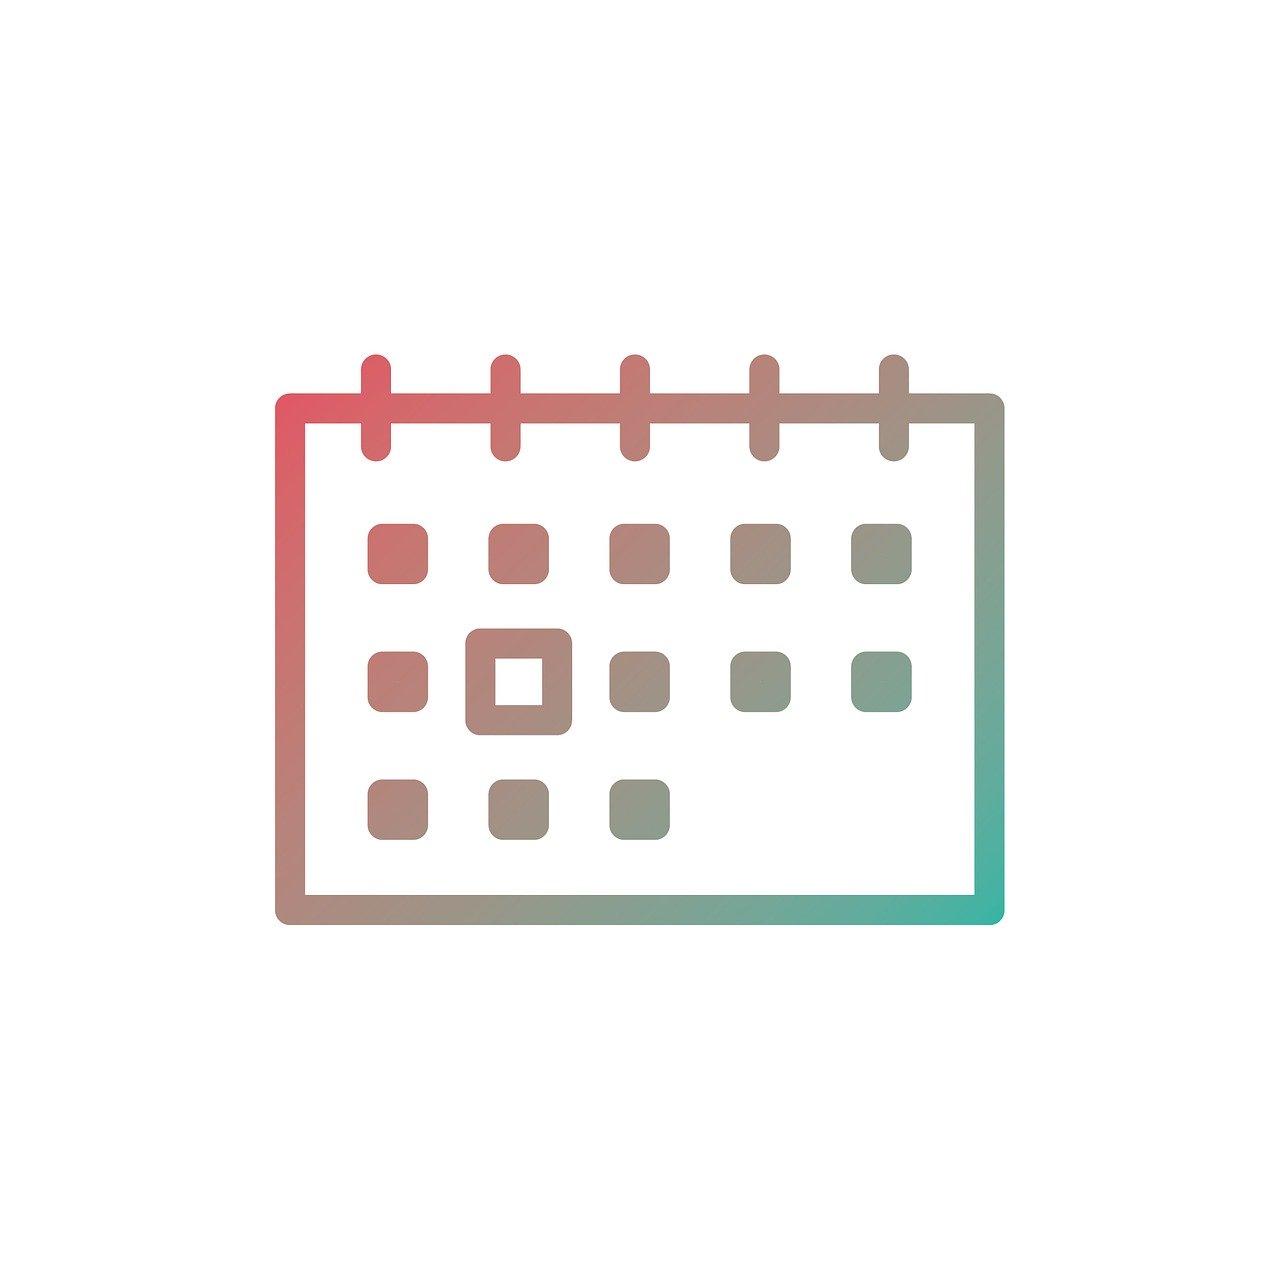 アイコンがついたカレンダー